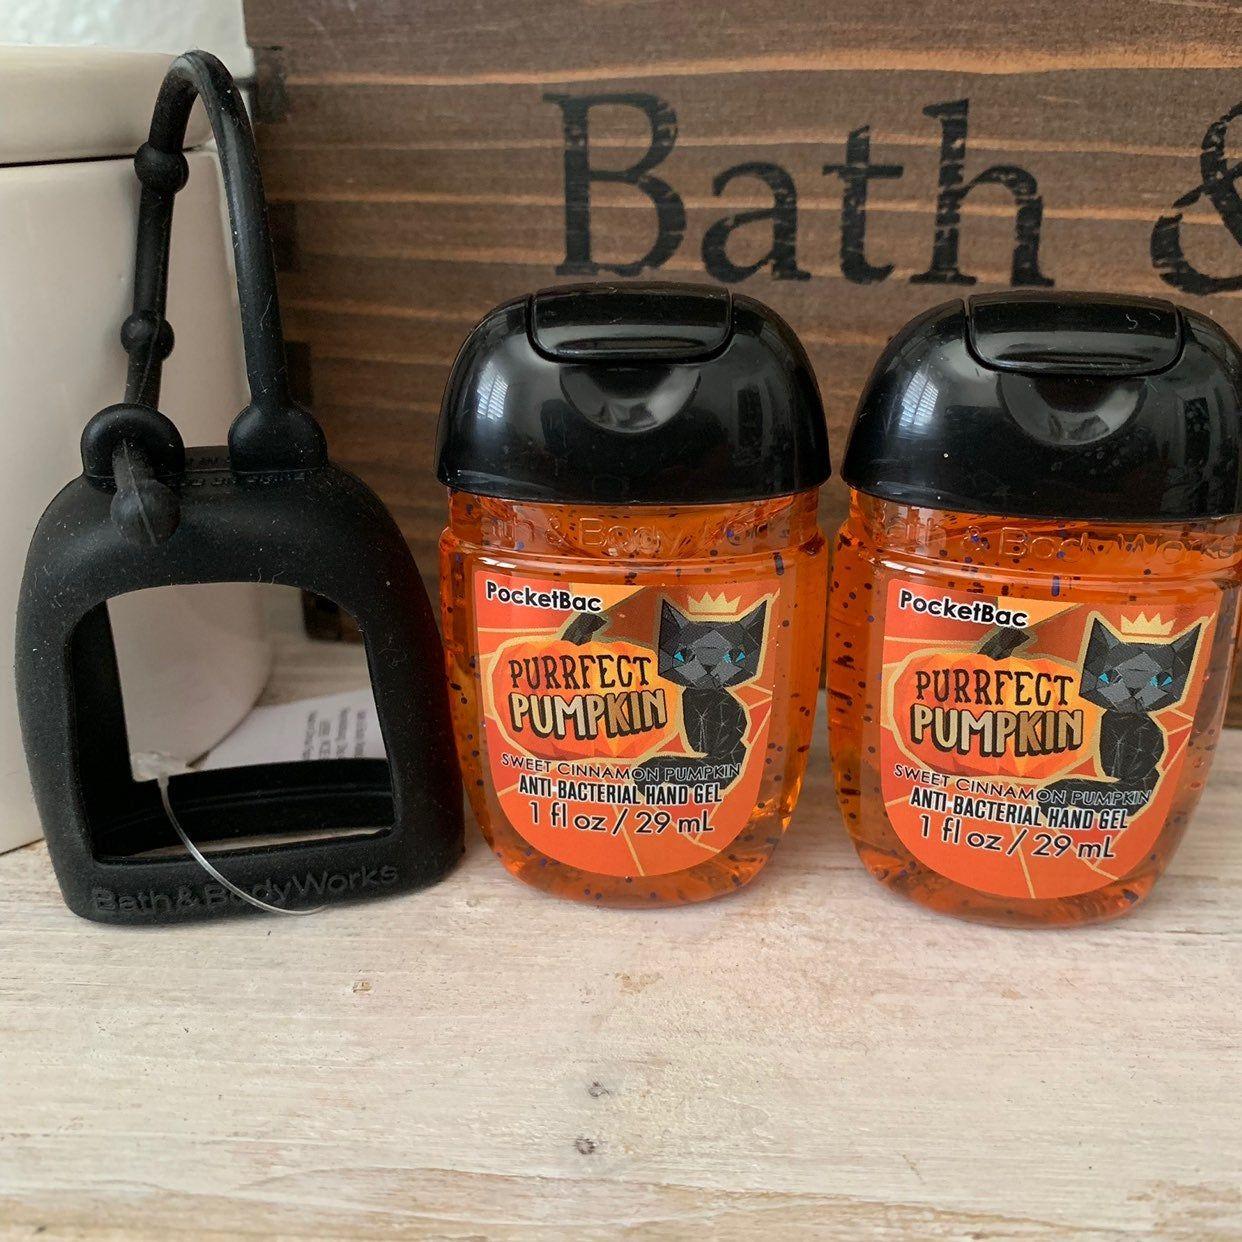 Bath Body Works 2019 Halloween Pocketbac Set Black Silicone